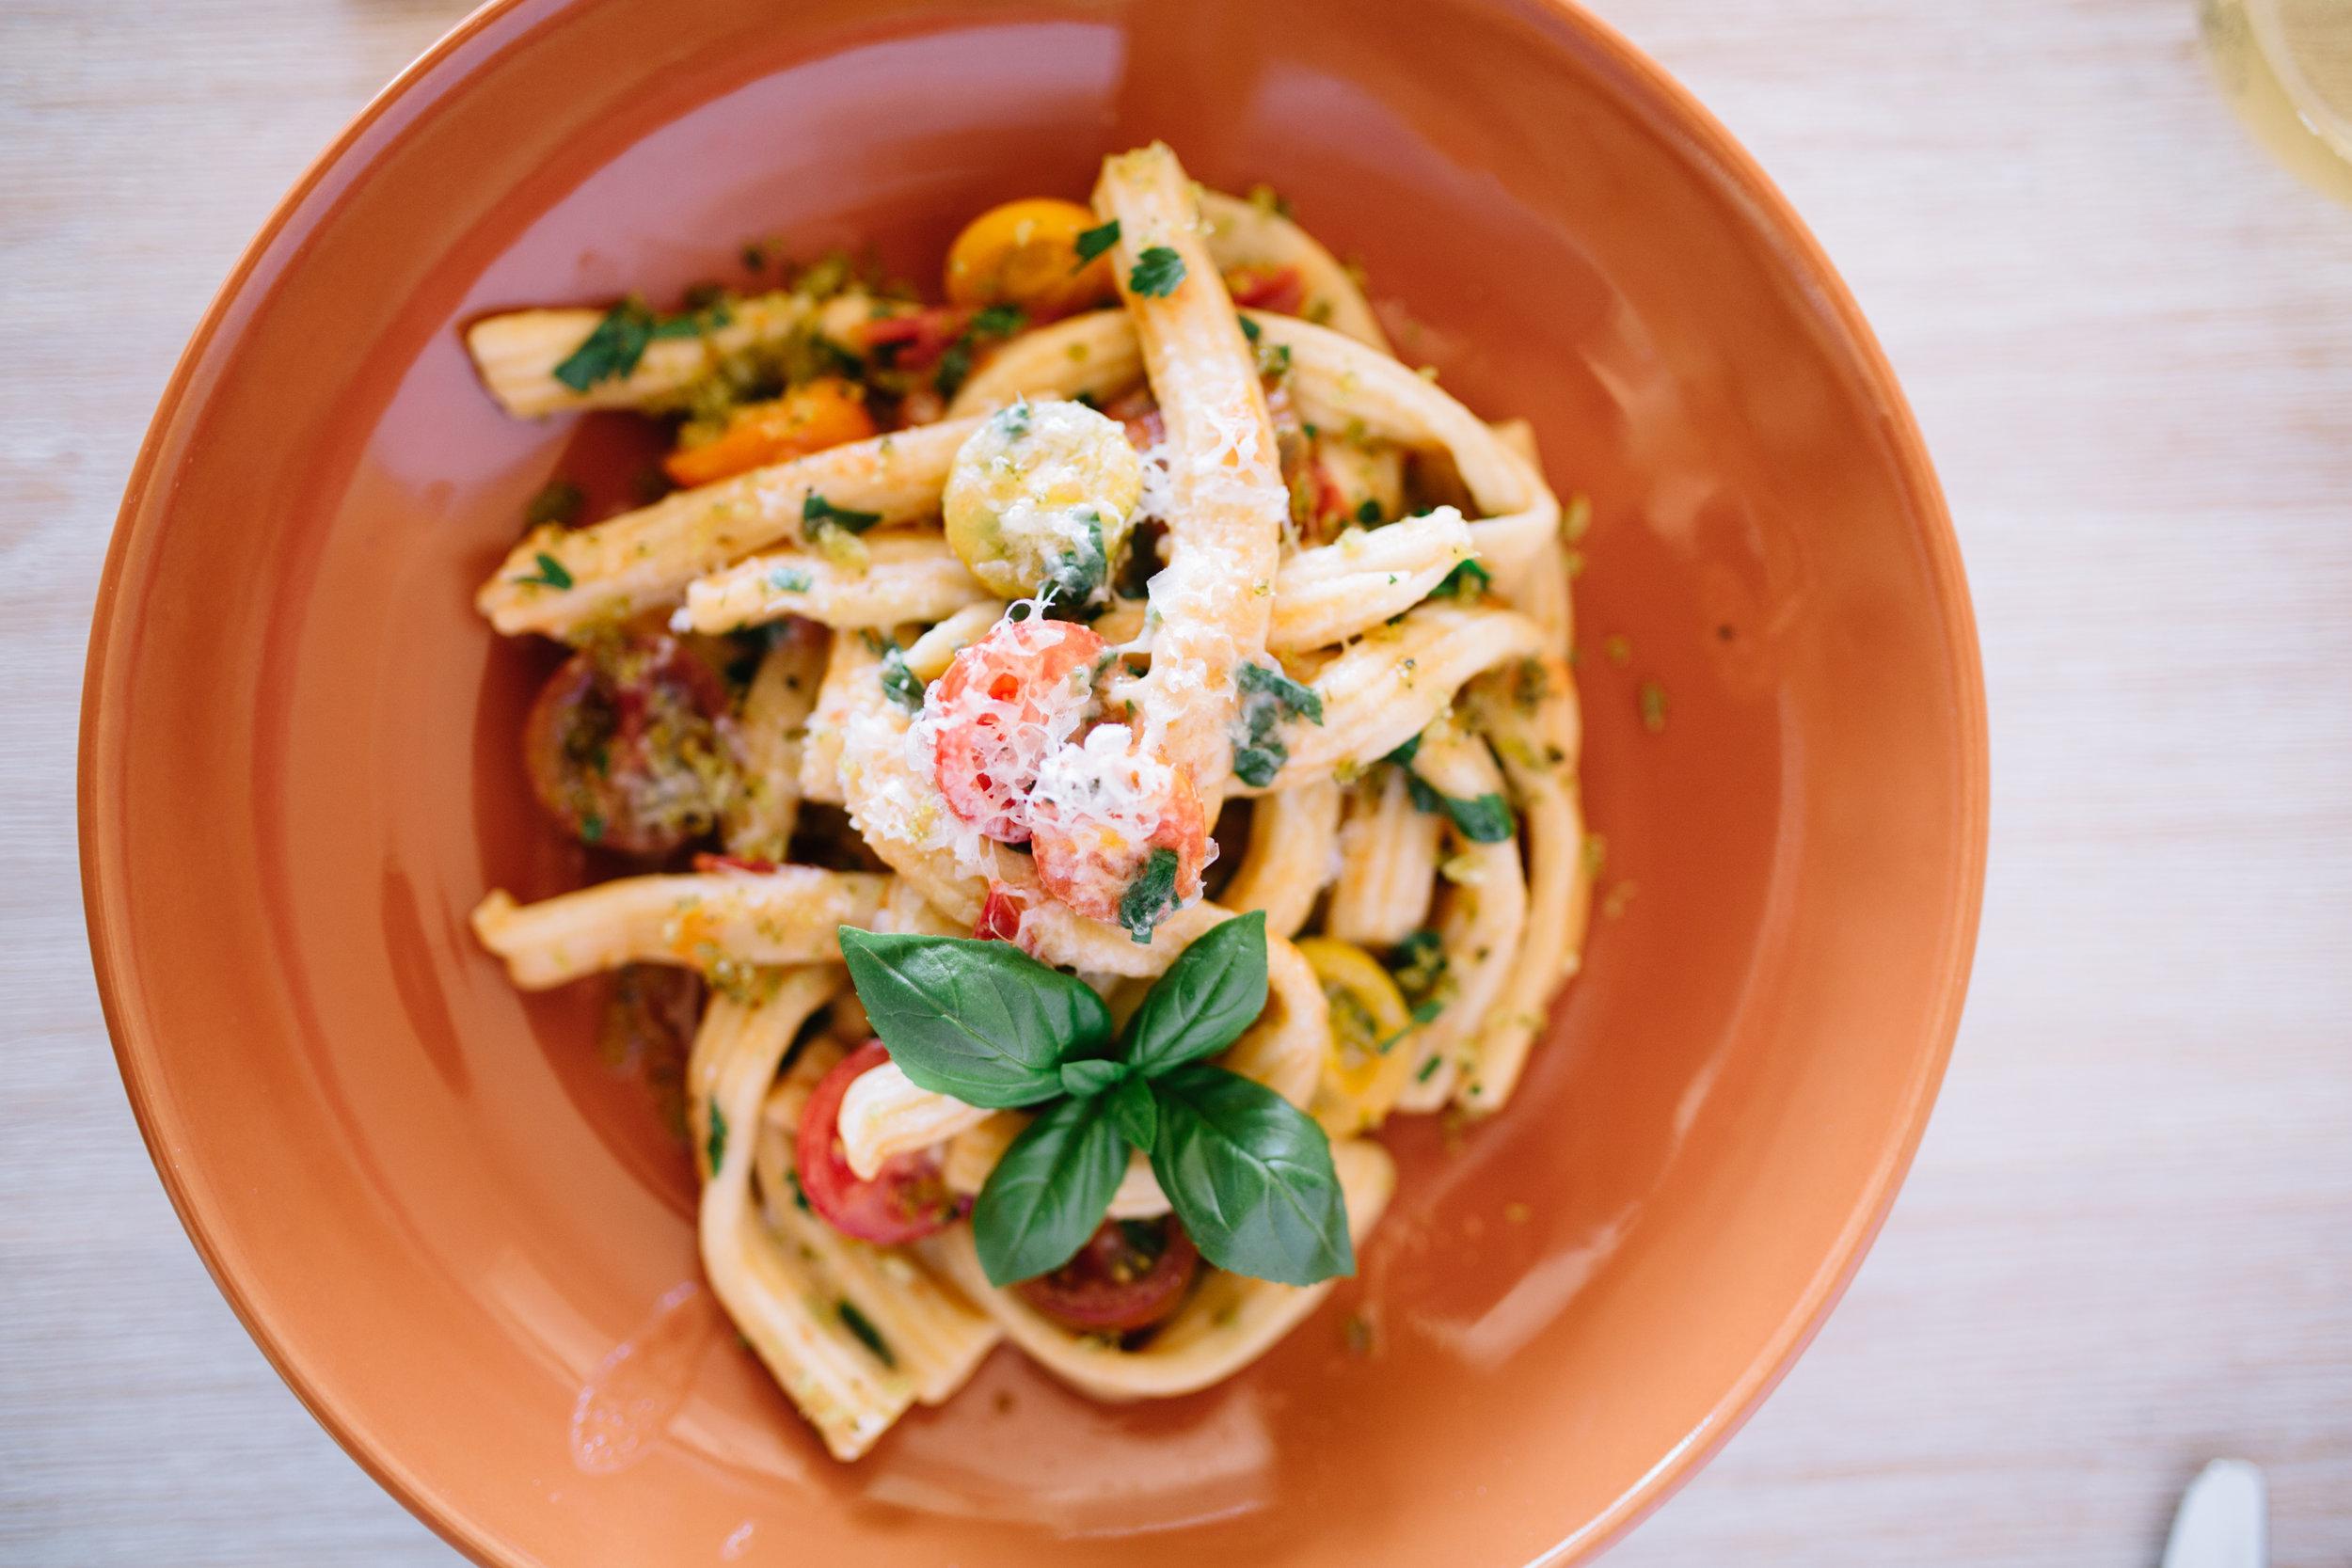 I Maccheroni's pasta